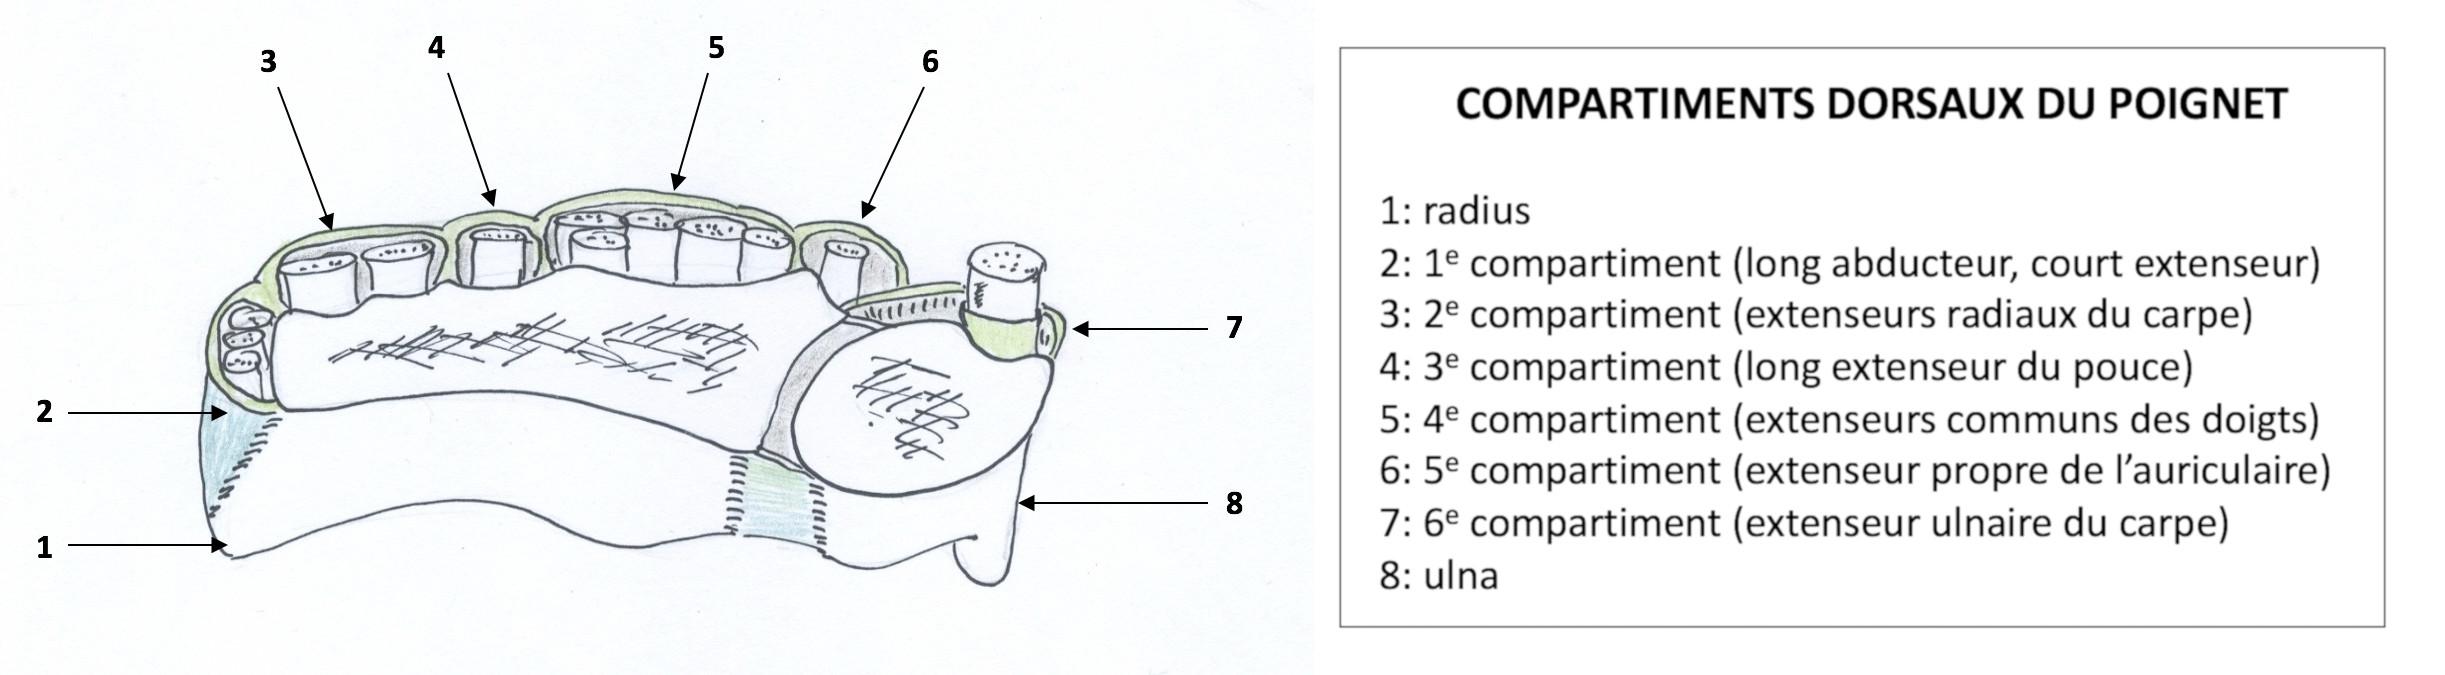 Compartiments dorsaux du poignet